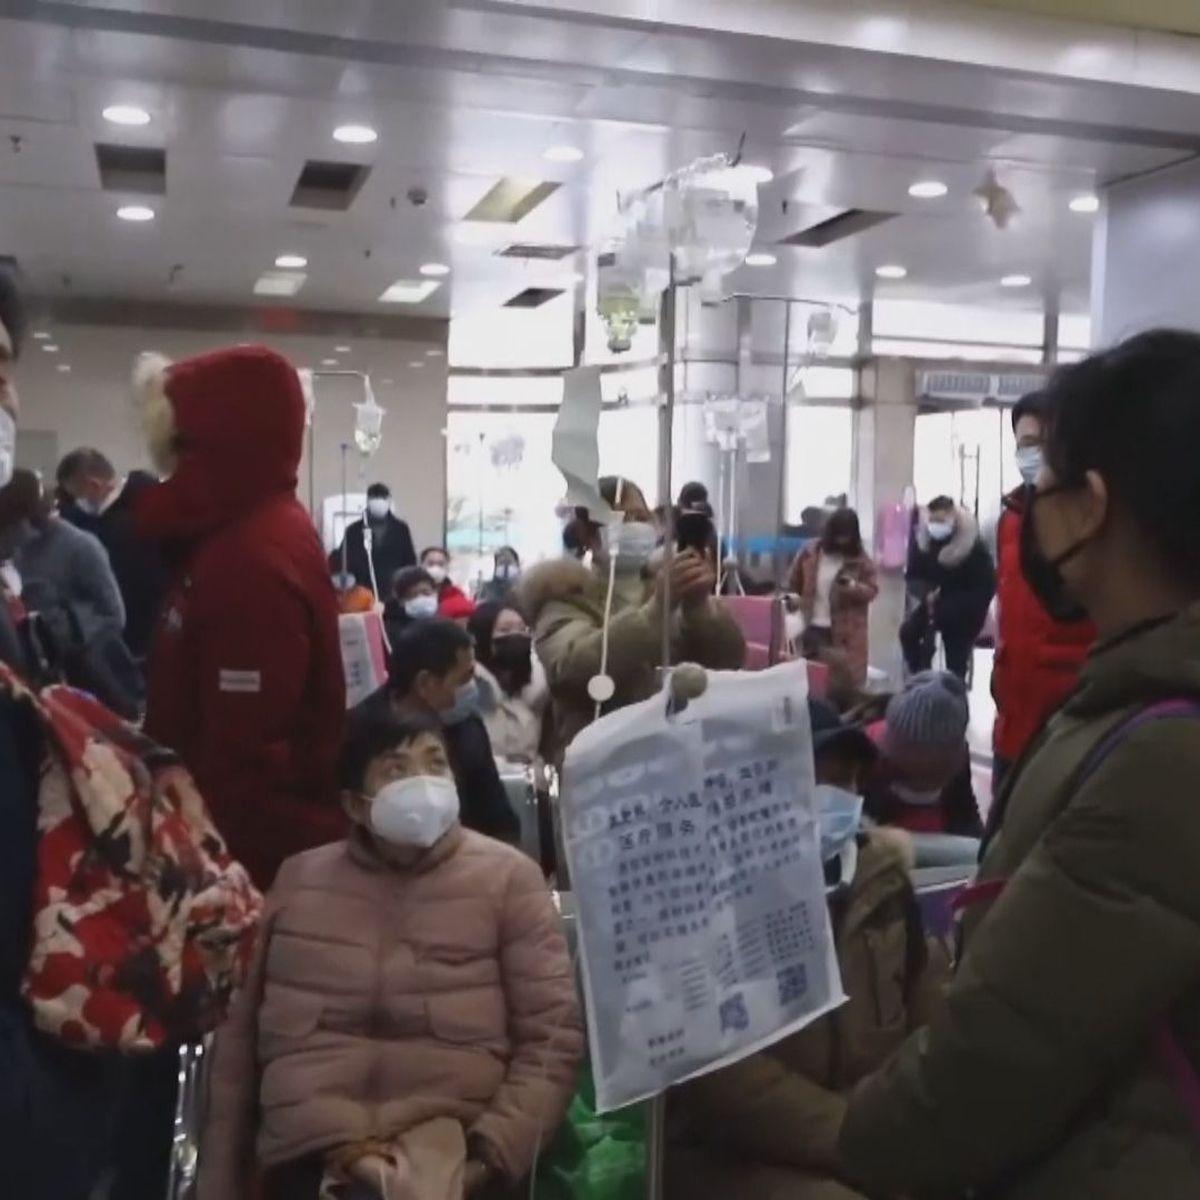 La crise sanitaire du coronavirus, révélateur de la politique du gouvernement chinois